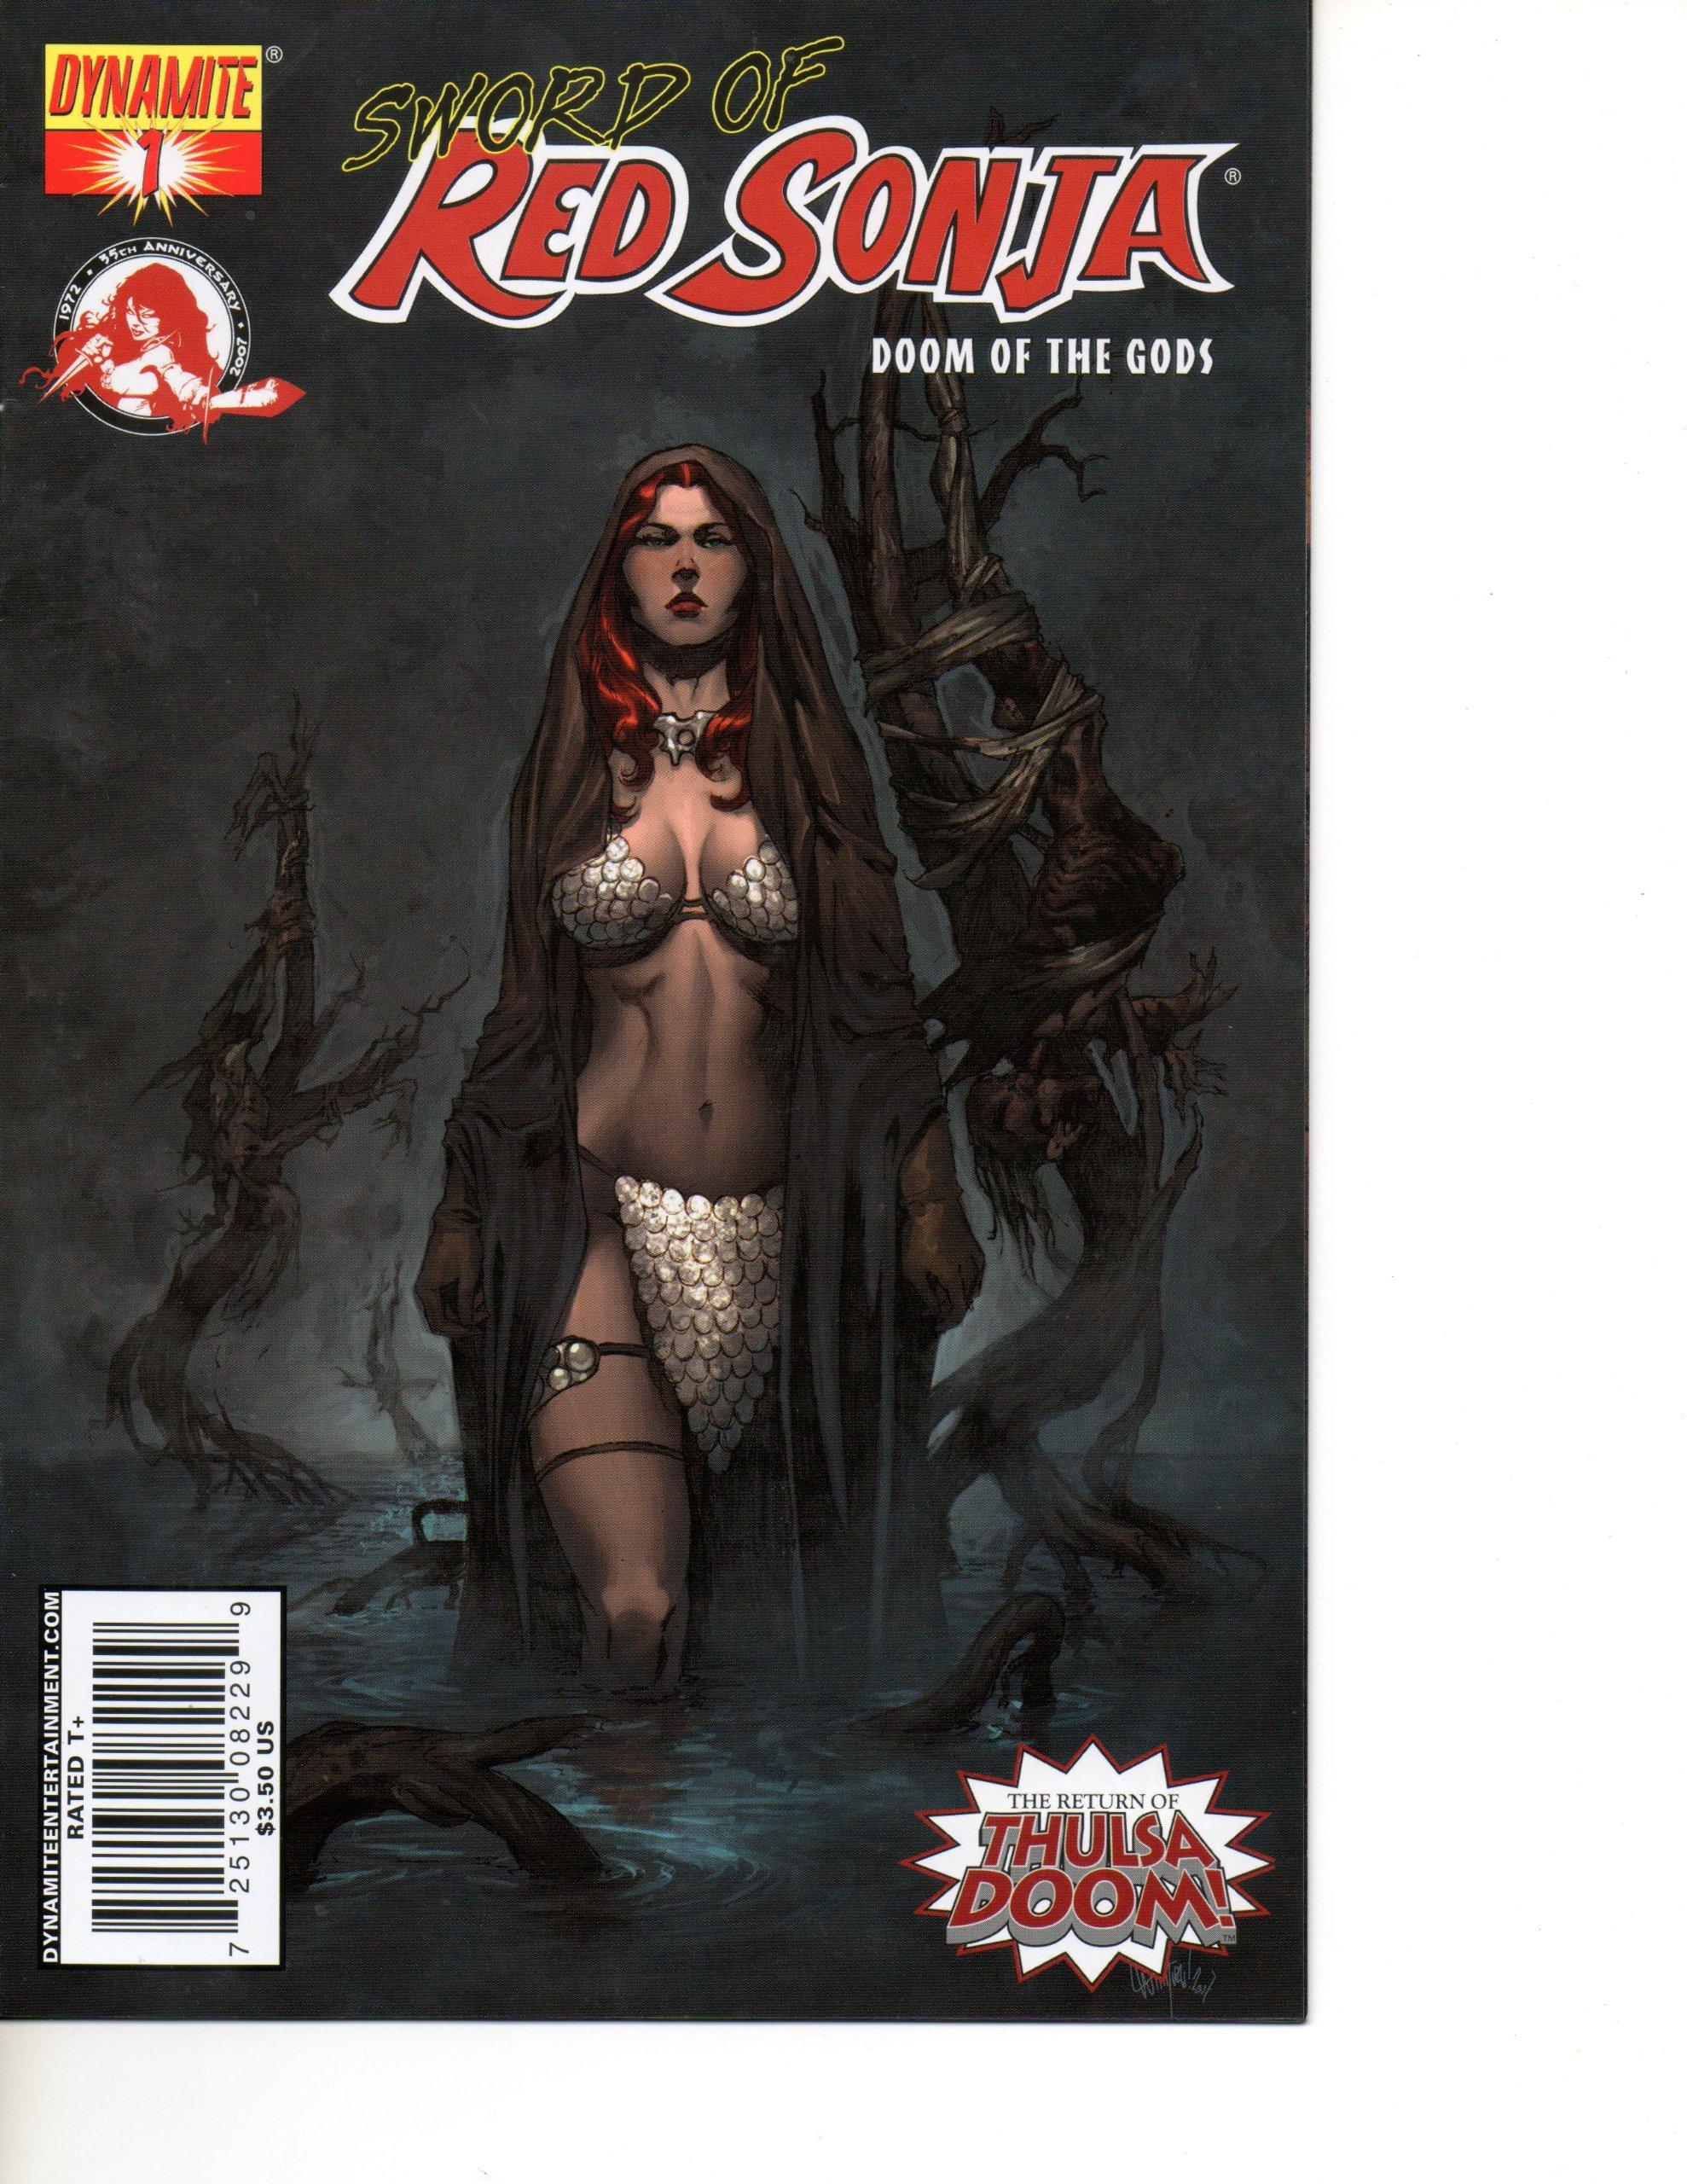 Read Online Red Sonja #1 Complete Mini Series (Sword Of - Doom Of The Gods) ebook